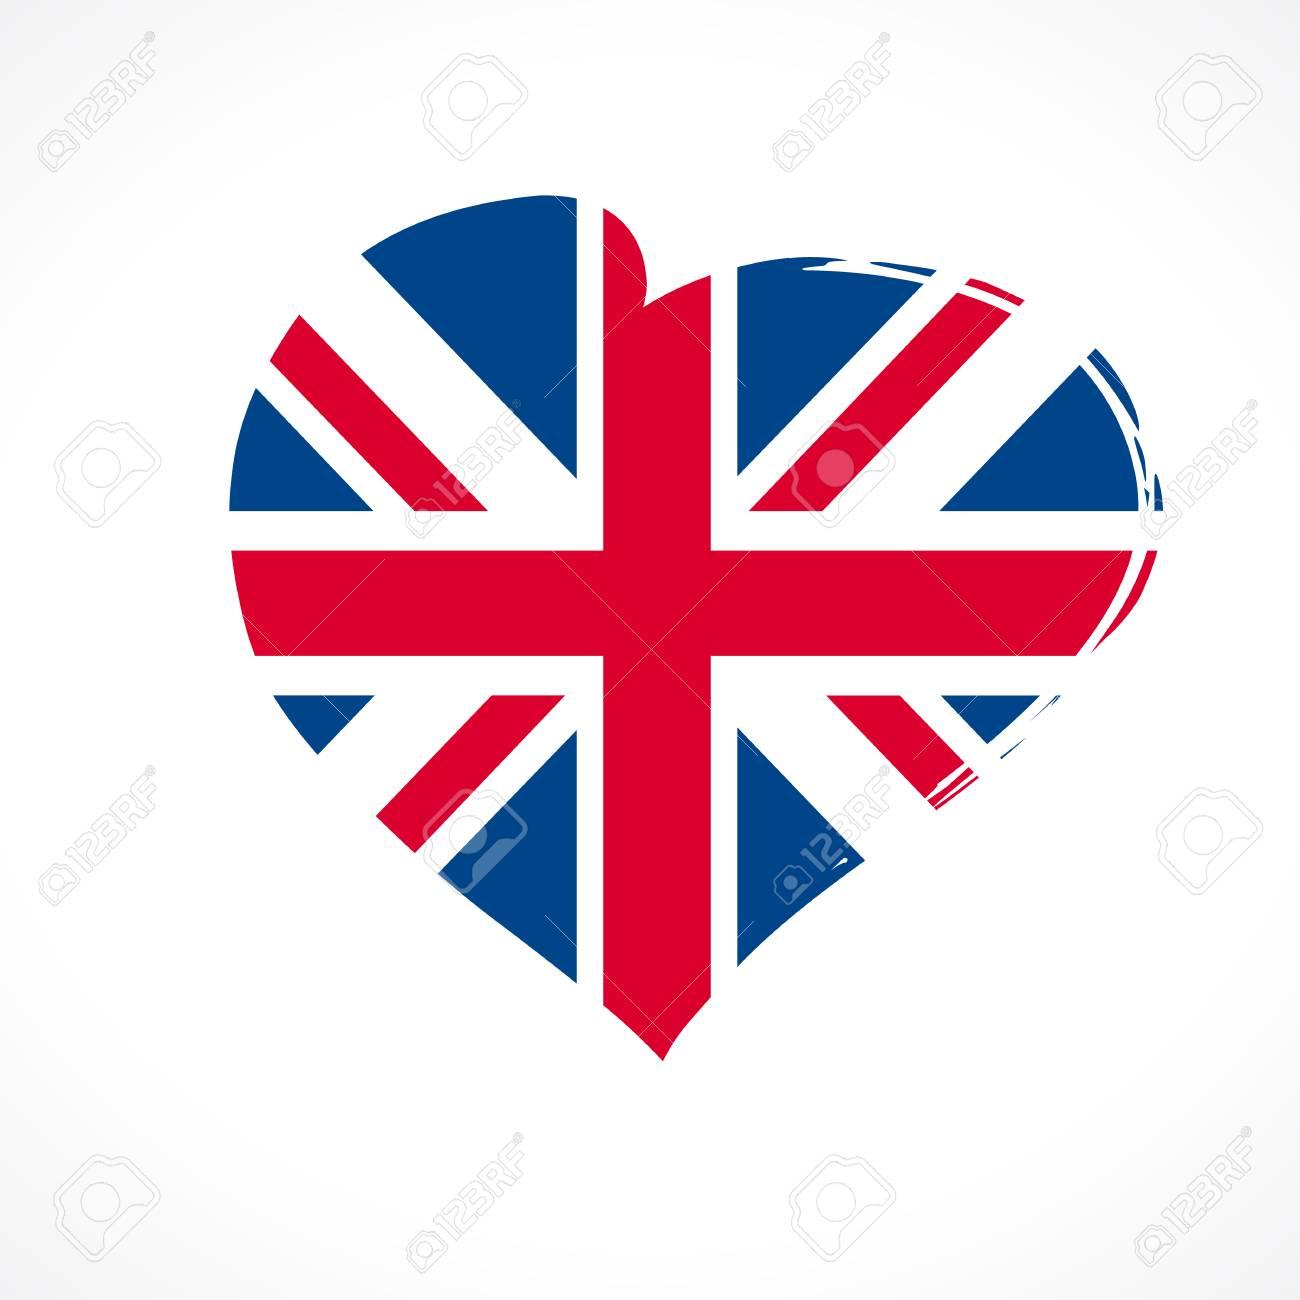 Amour Emblème Du Drapeau Britannique Union Jack Coloré Bannière De Célébration Royaume Uni Angleterre Avec Vecteur Courbant Coeur Rouge Et Drapeau